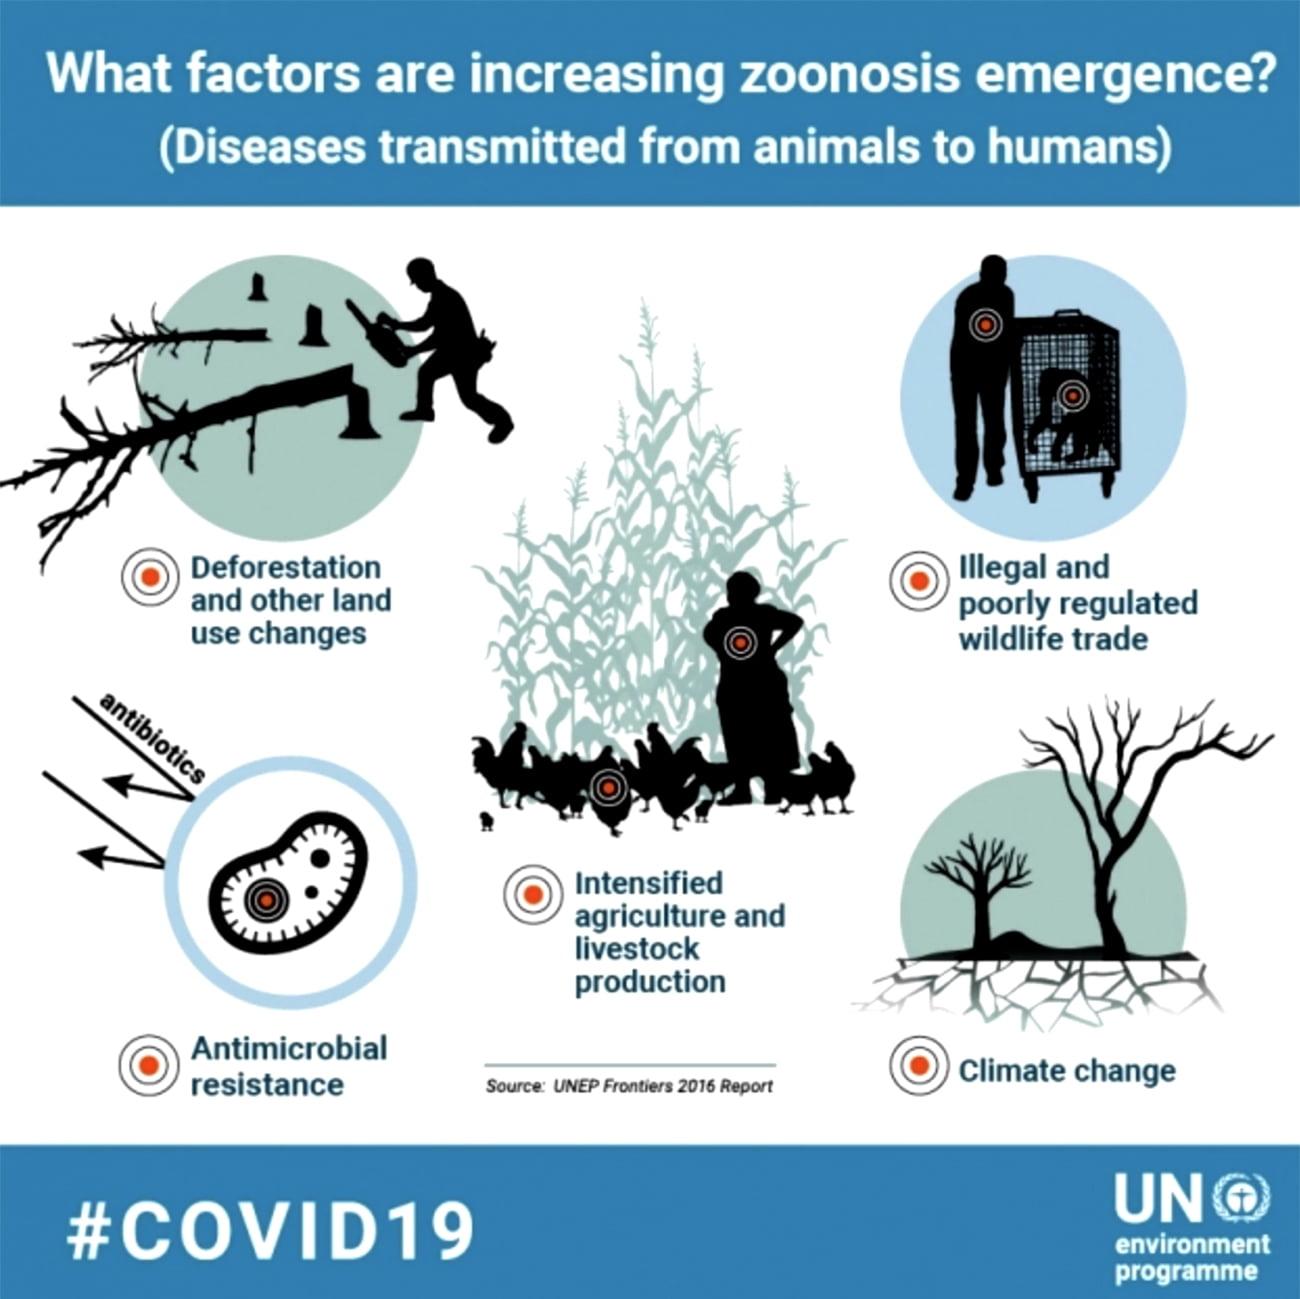 infográfico da ONU sobre fatores que aumentam doenças zoonóticas